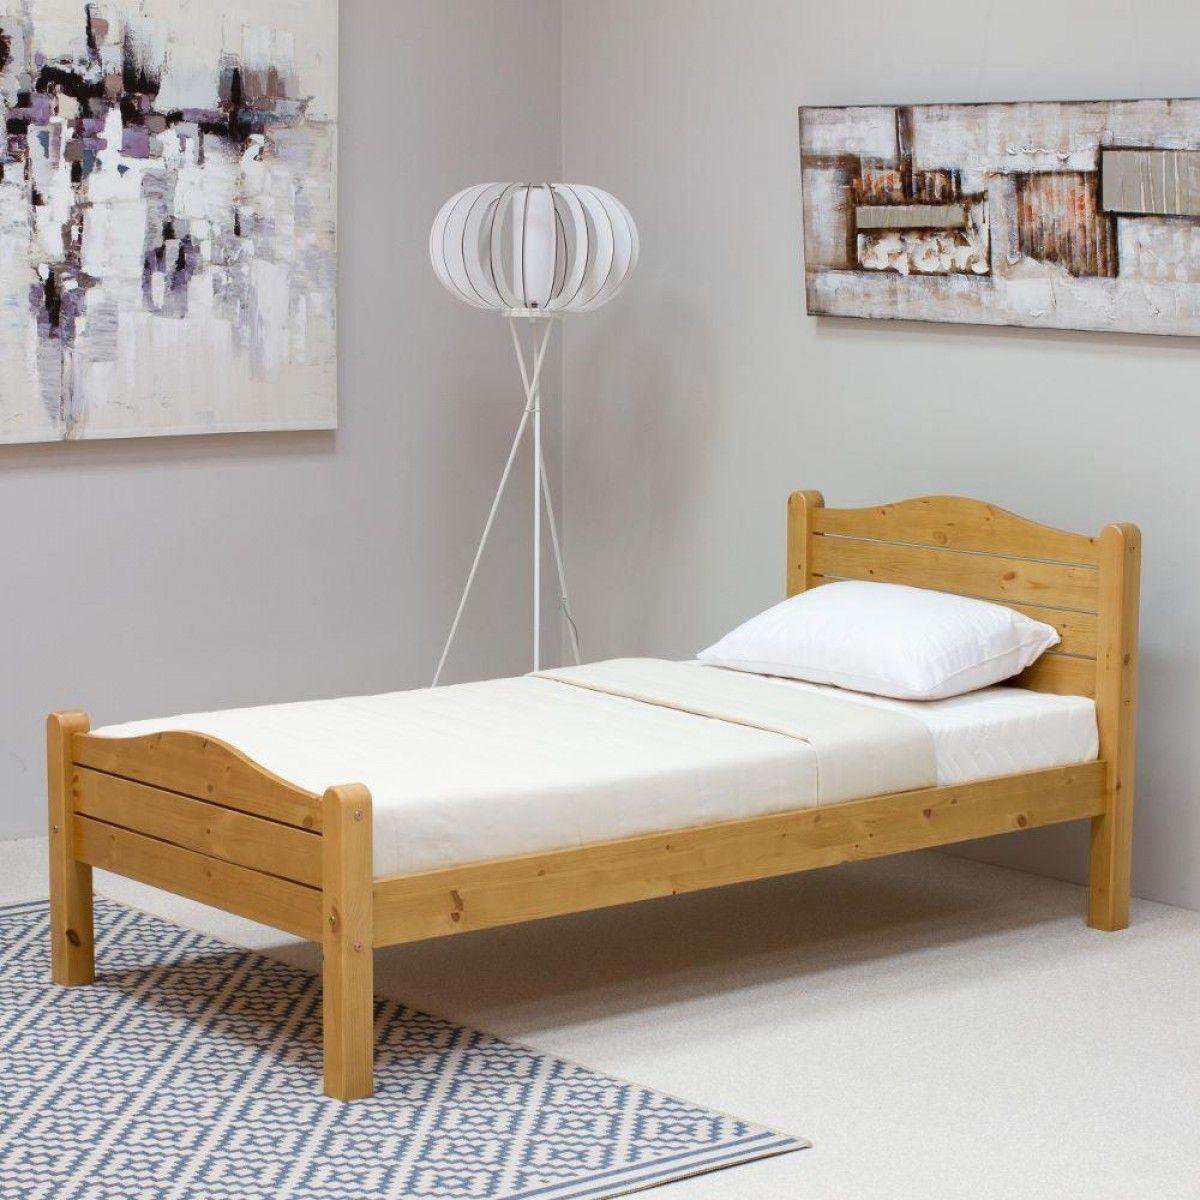 Elwood Antique Pine Wooden Bed | Wooden bed frames, Single ...